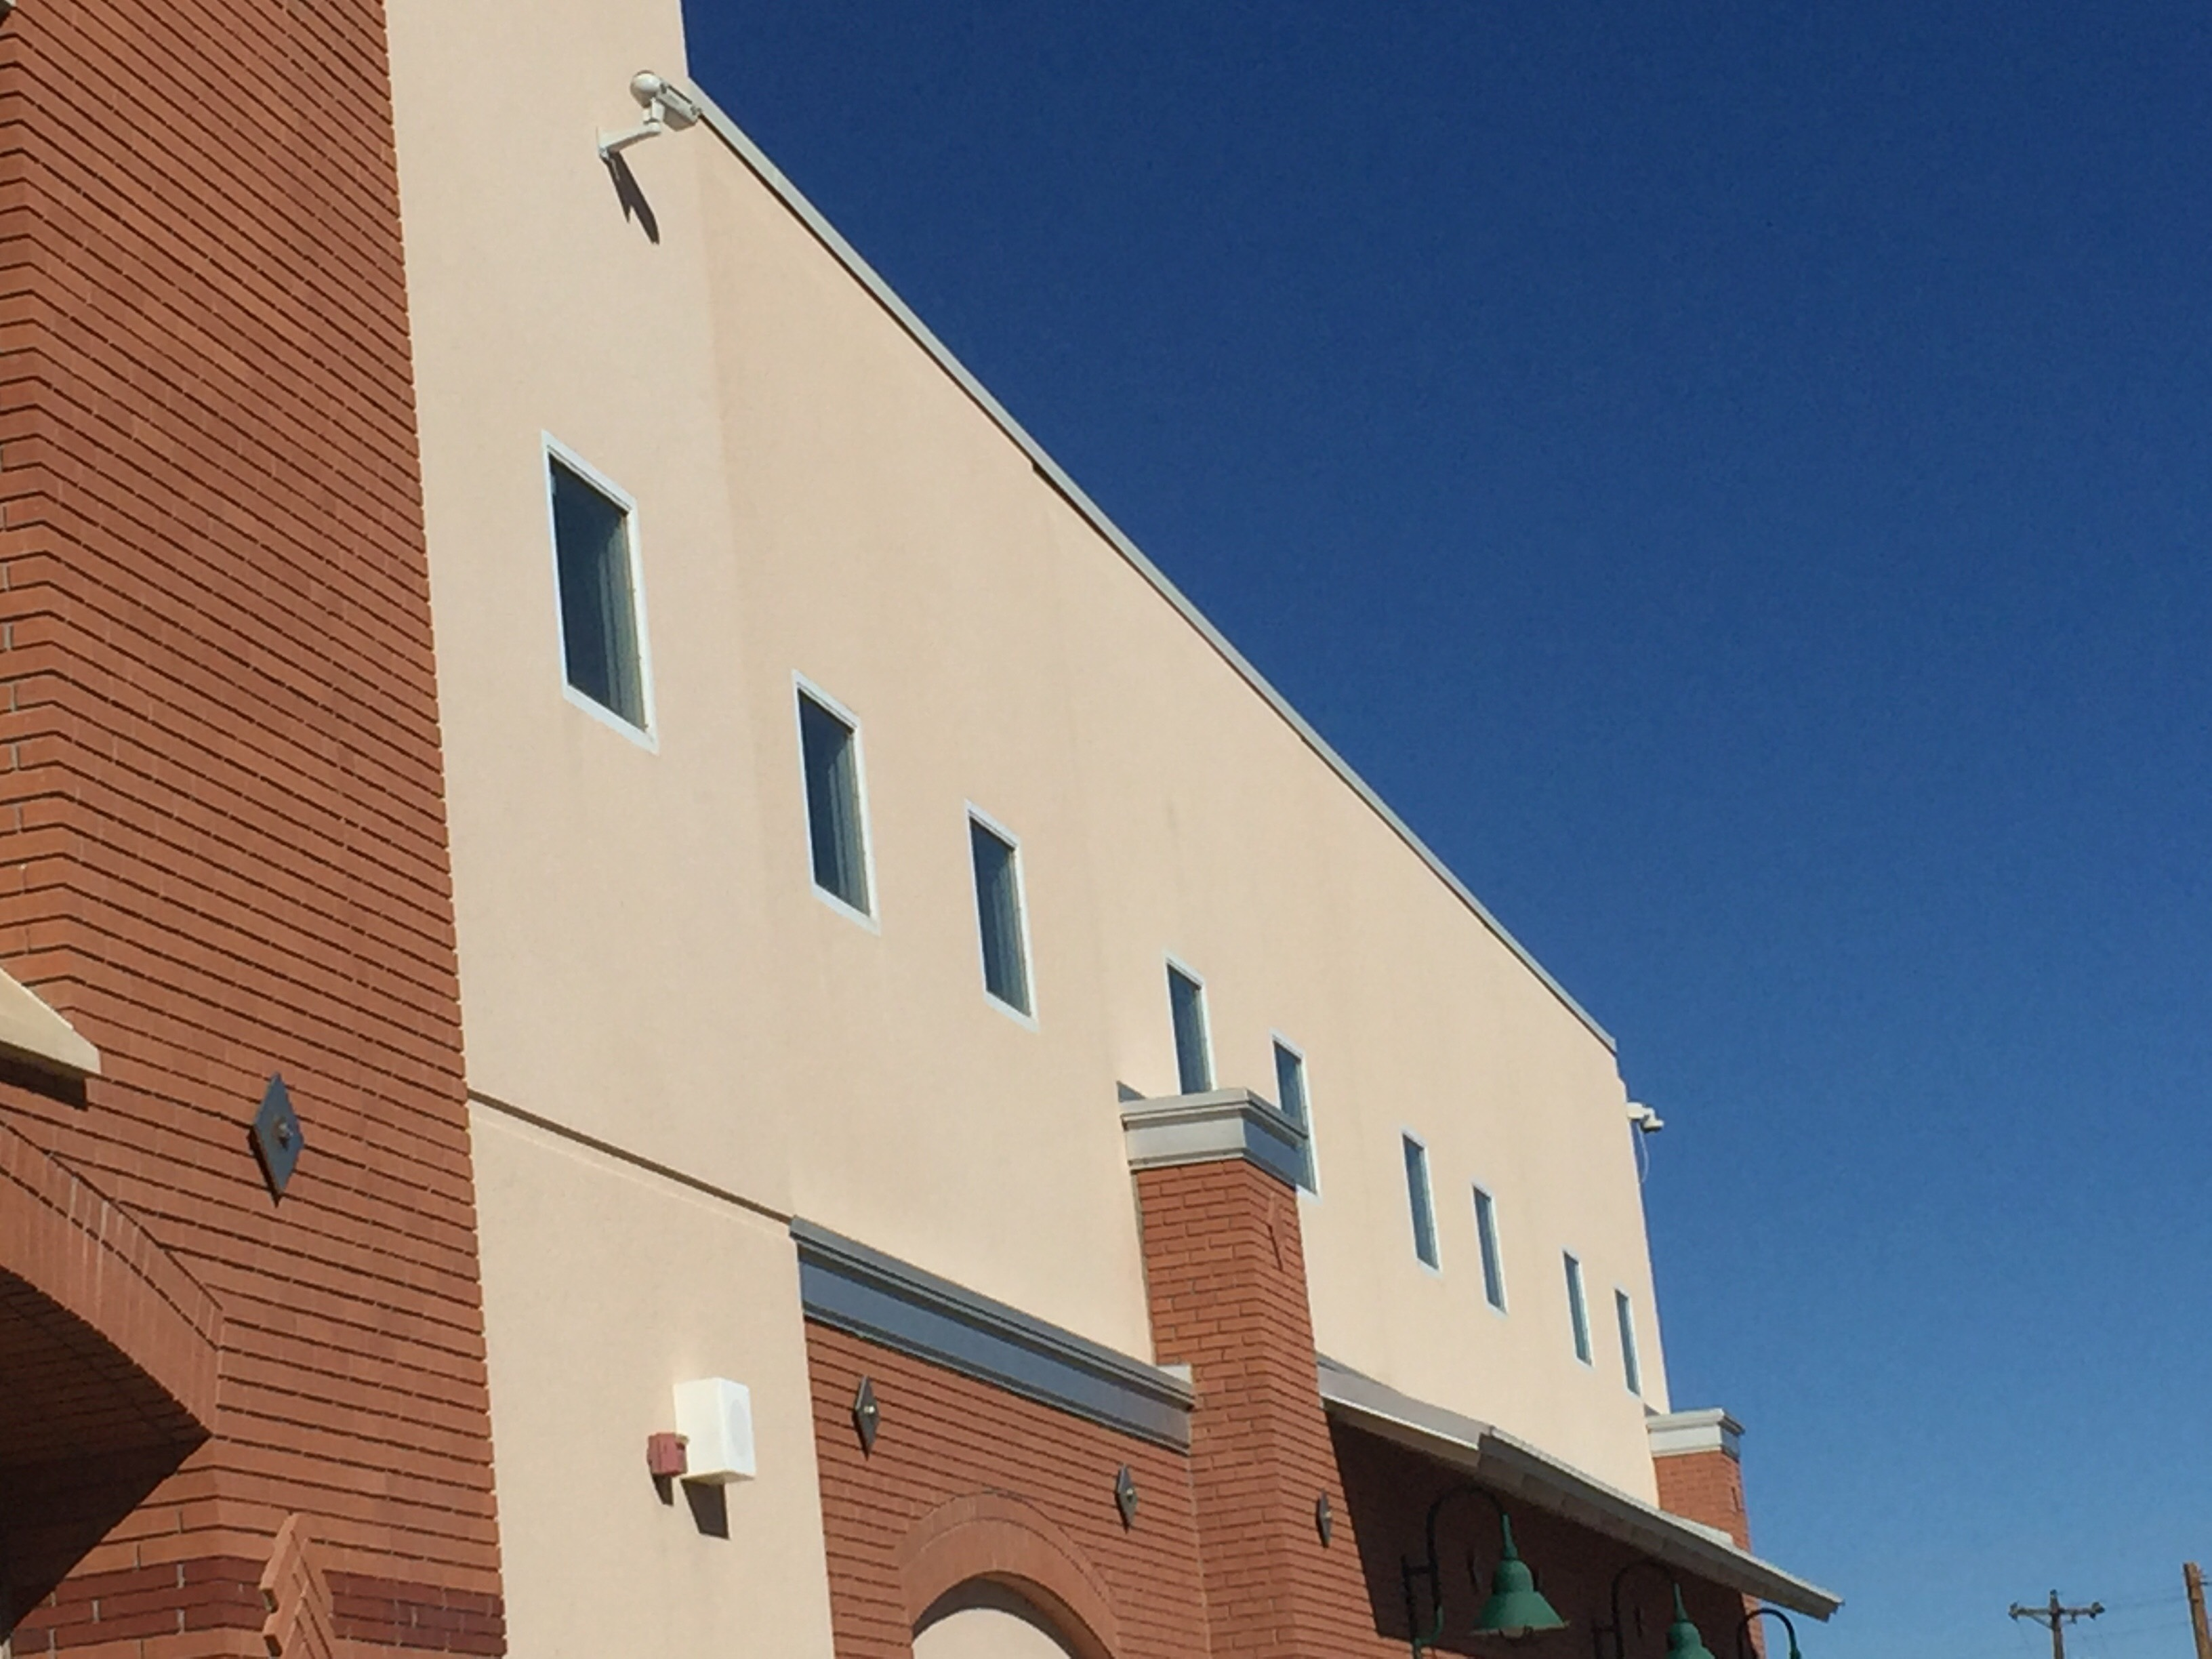 Belen Public Schools, Belen, New Mexico